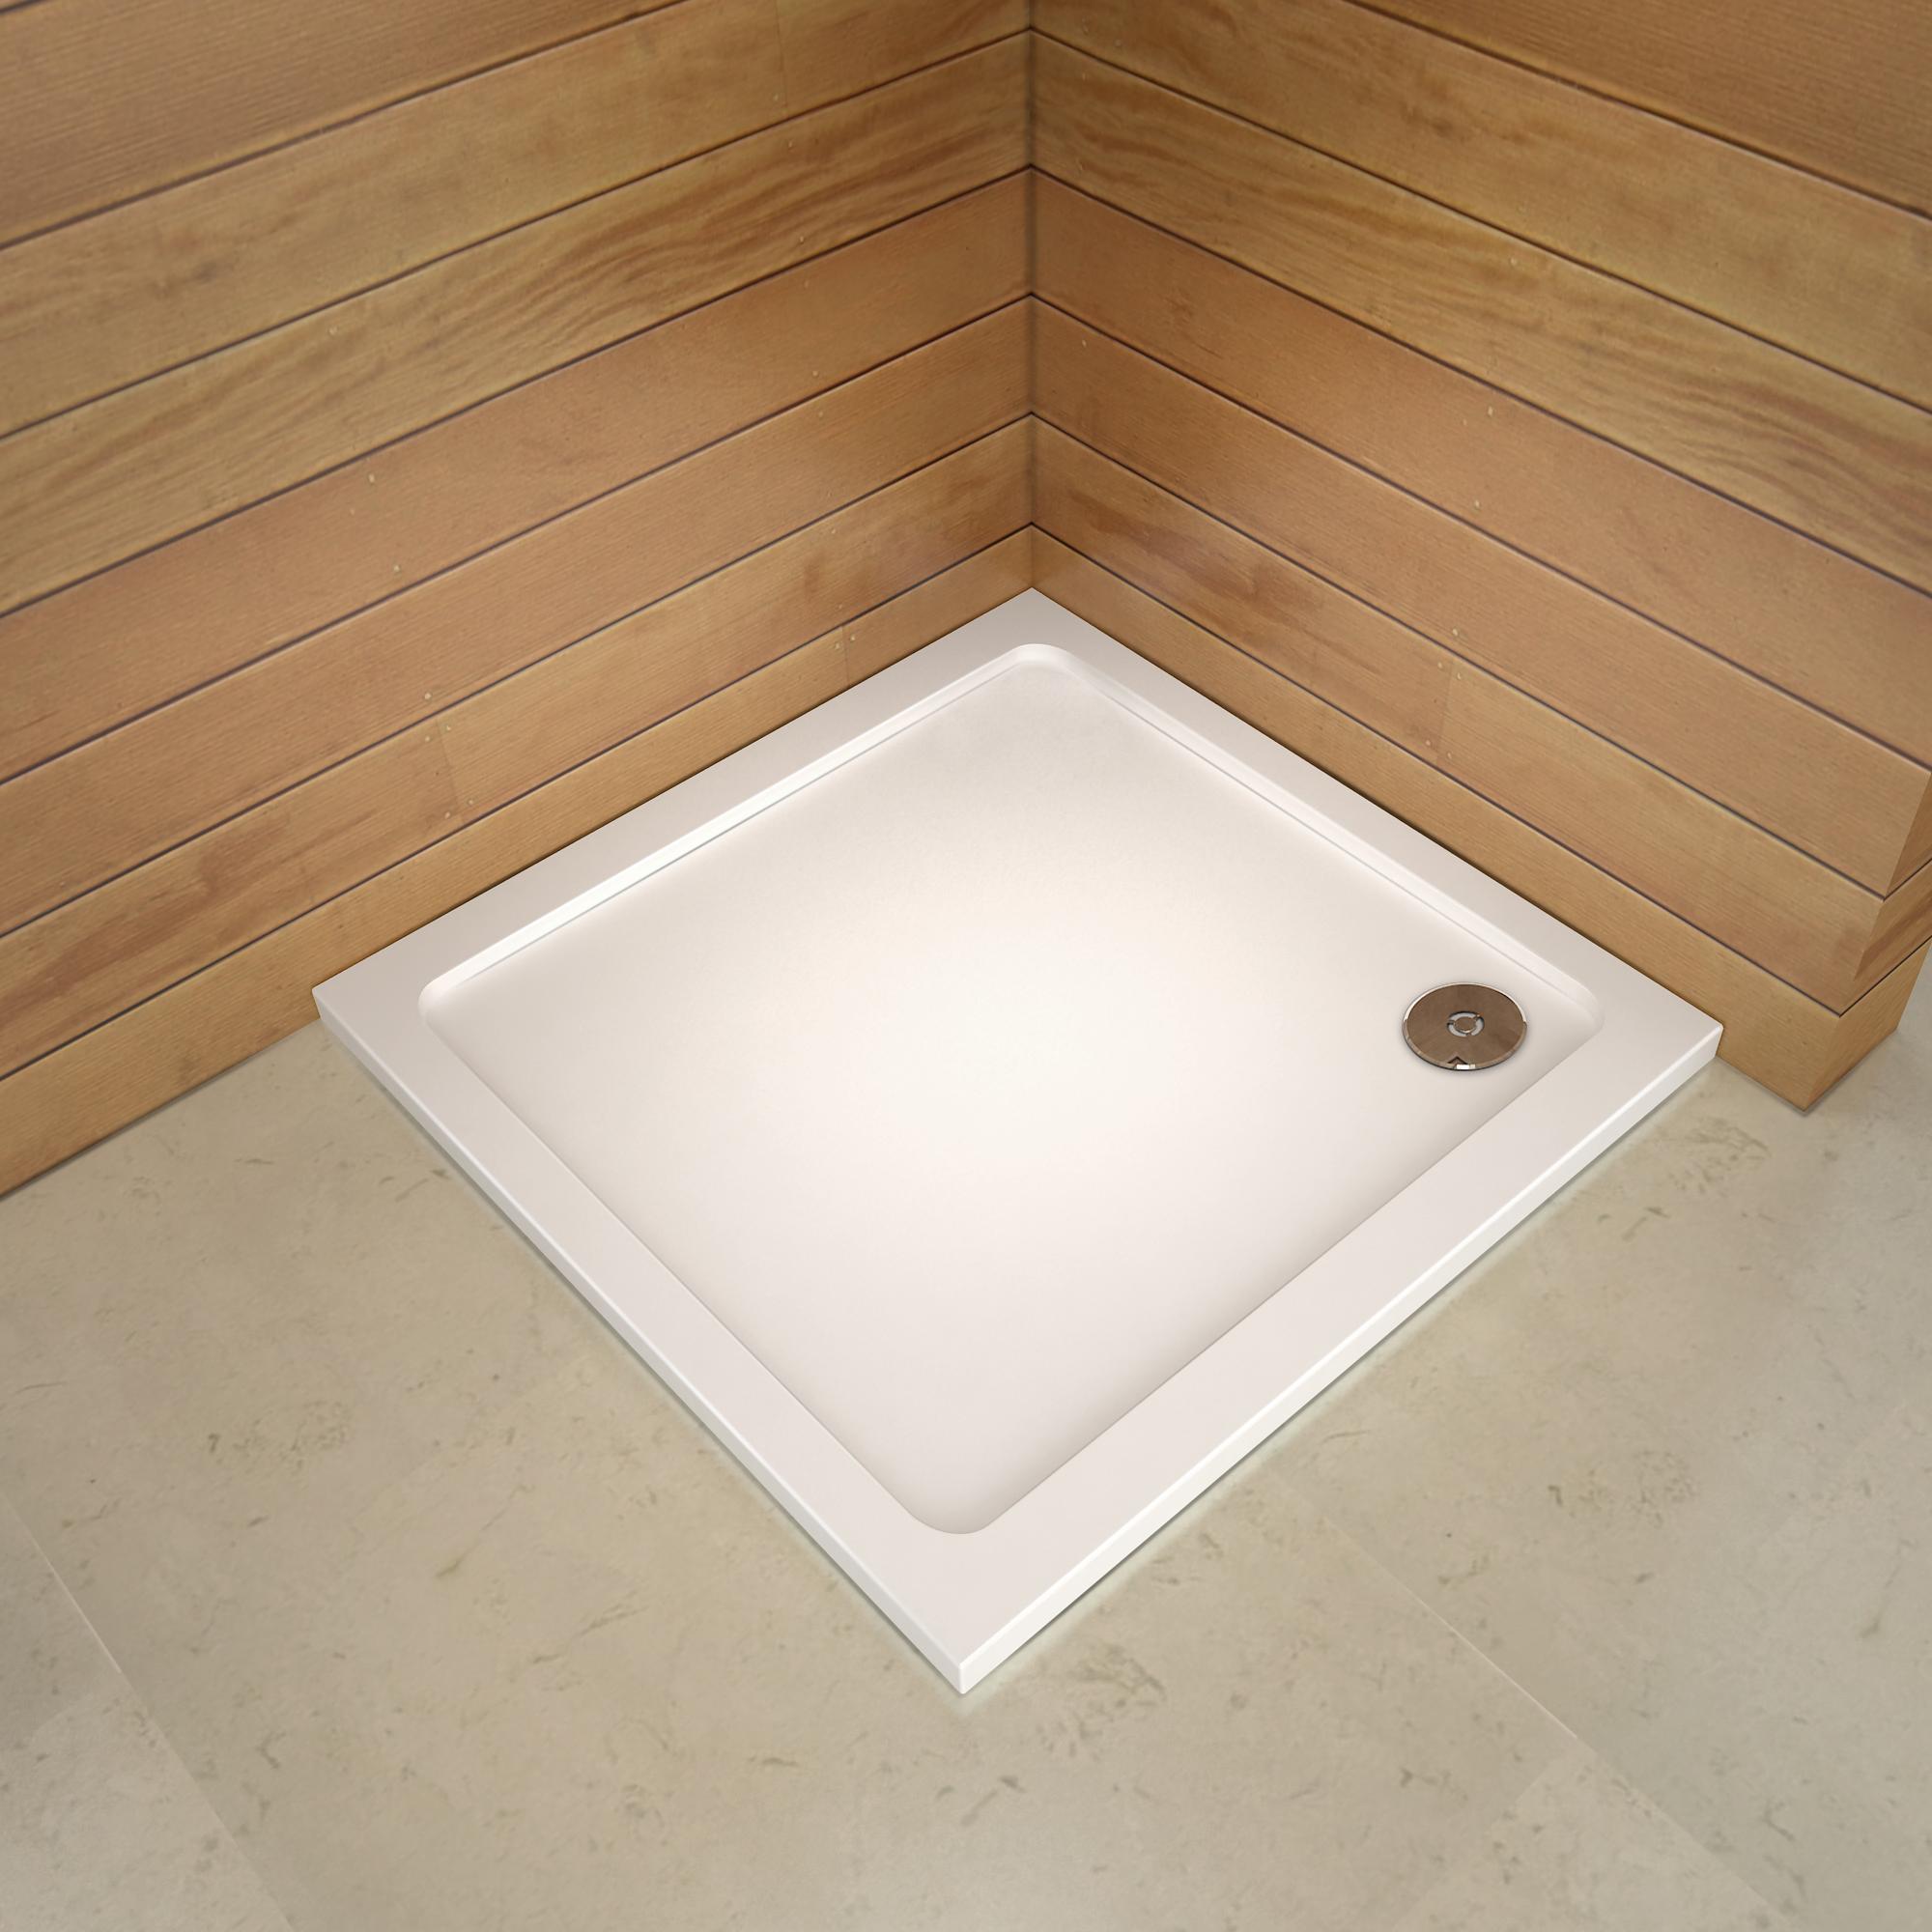 receveur de douche blanc 70x90 80x90 80x100 80x120 90x100 90x140cm 3cm hauteur g ebay. Black Bedroom Furniture Sets. Home Design Ideas